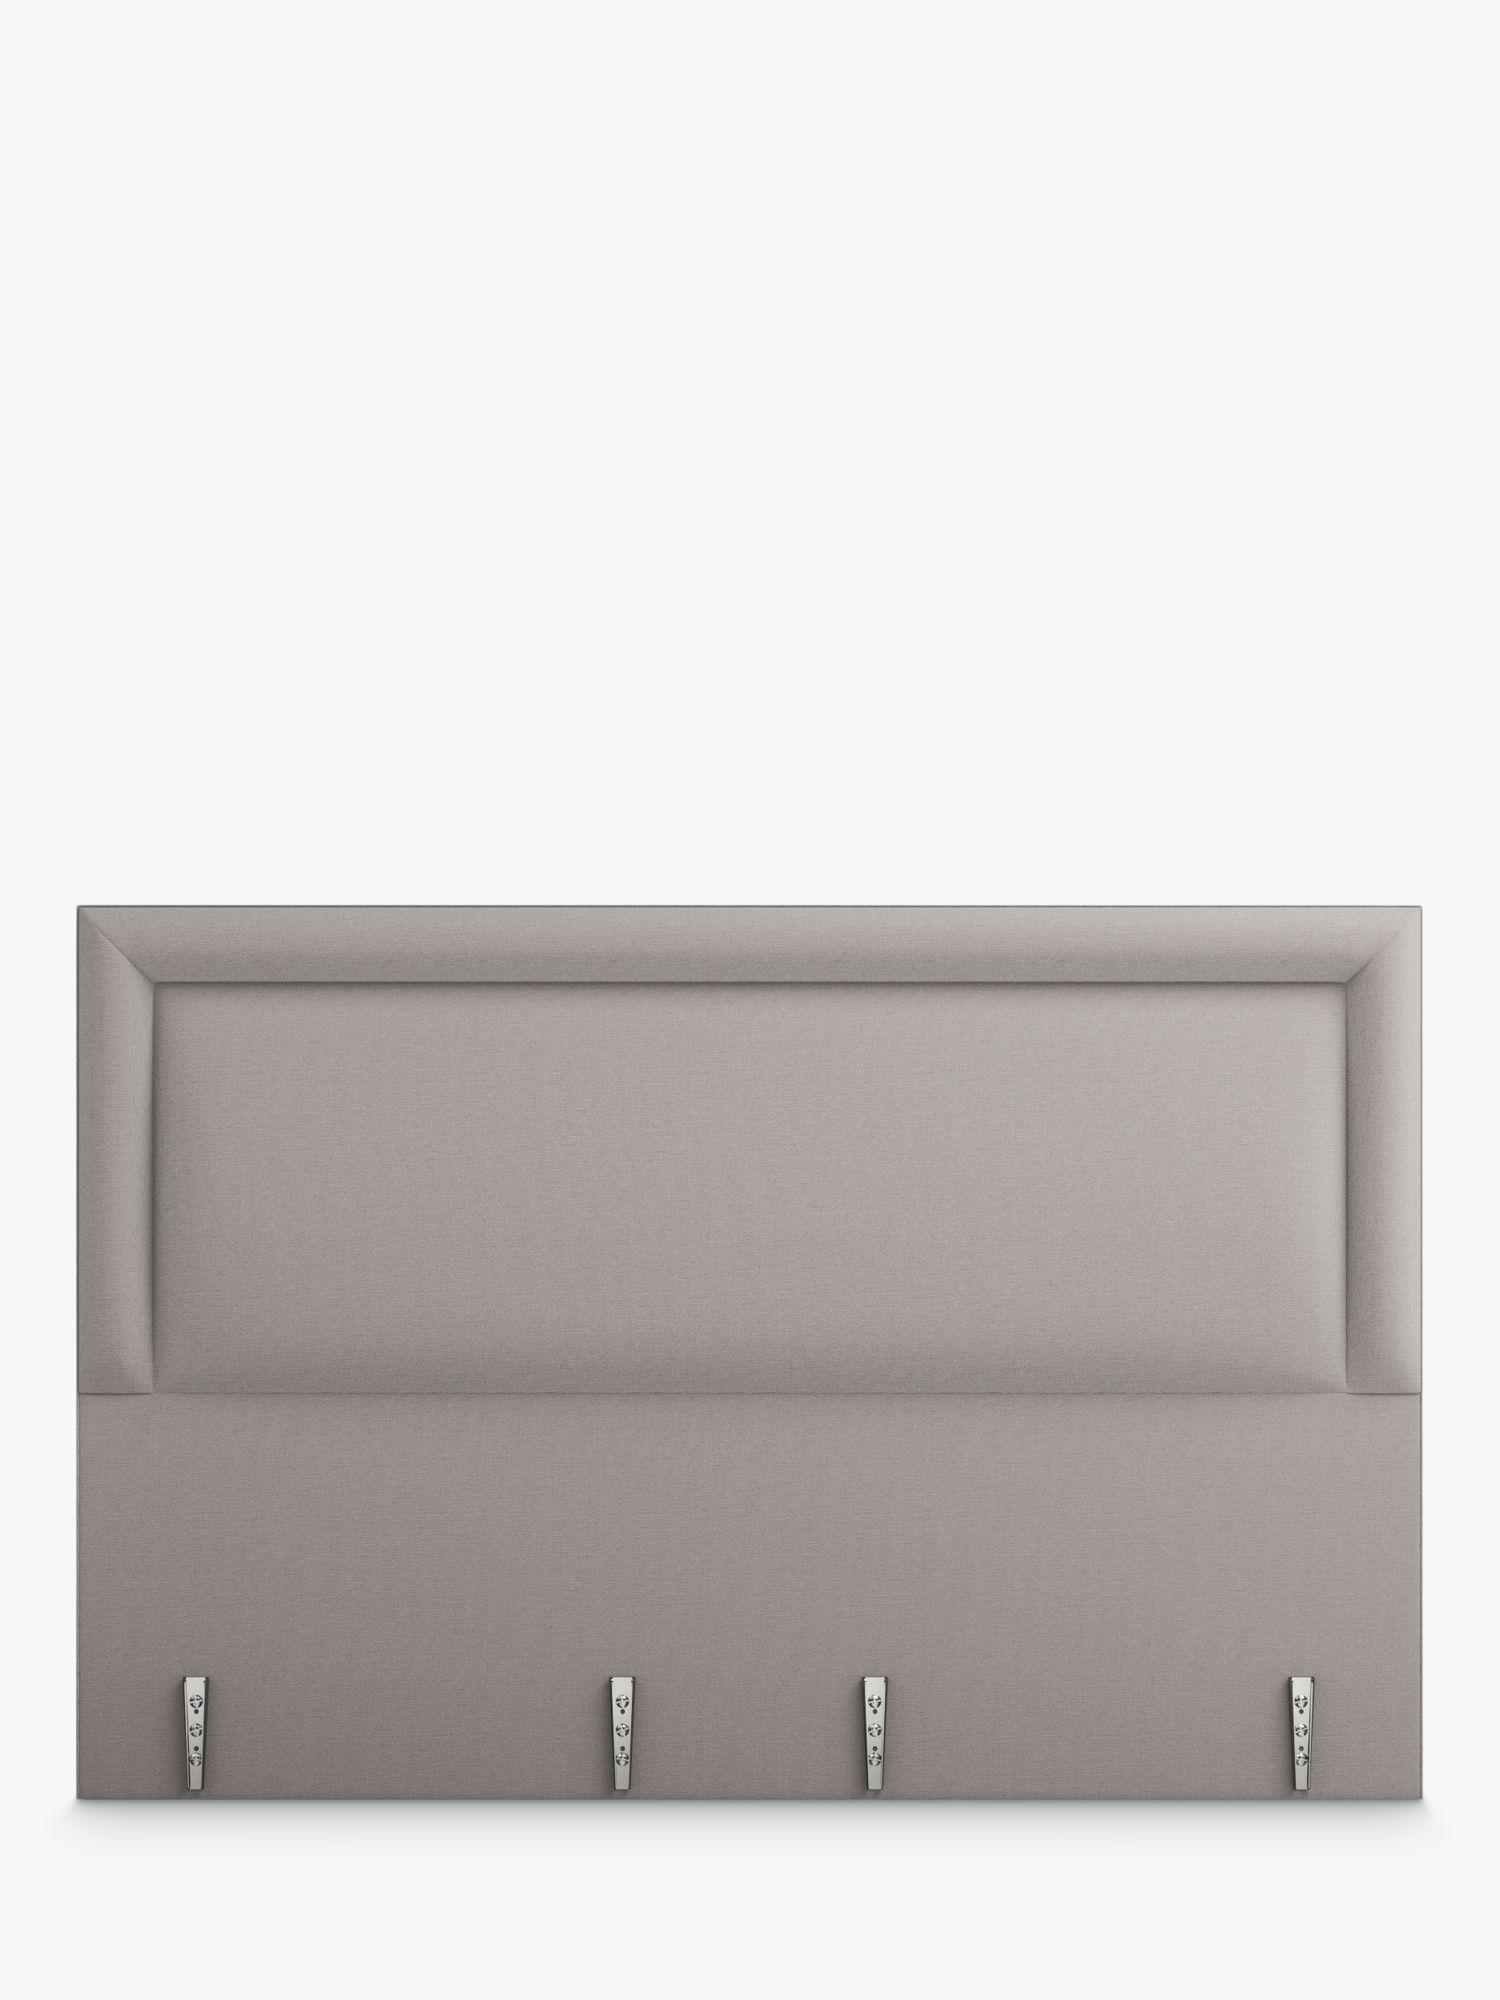 Vispring Leda Full Depth Upholstered Headboard, Super King Size, FSC-Certified (Chipboard)